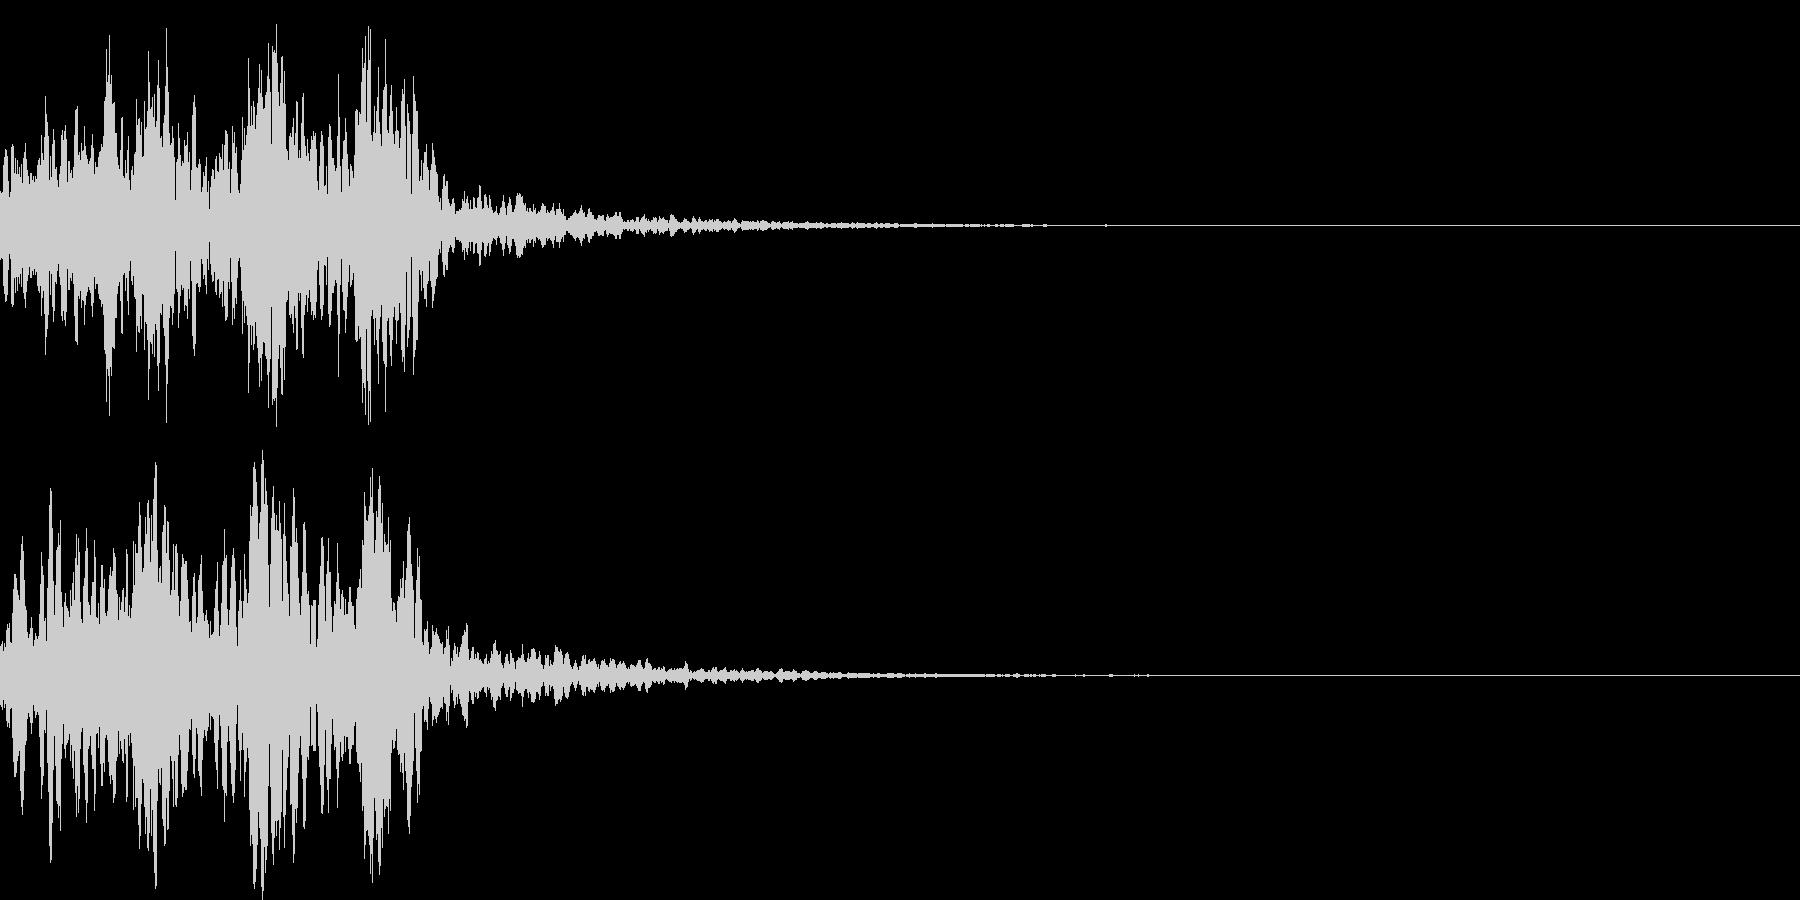 鼓(つづみ)太鼓のフレーズ ジングル01の未再生の波形